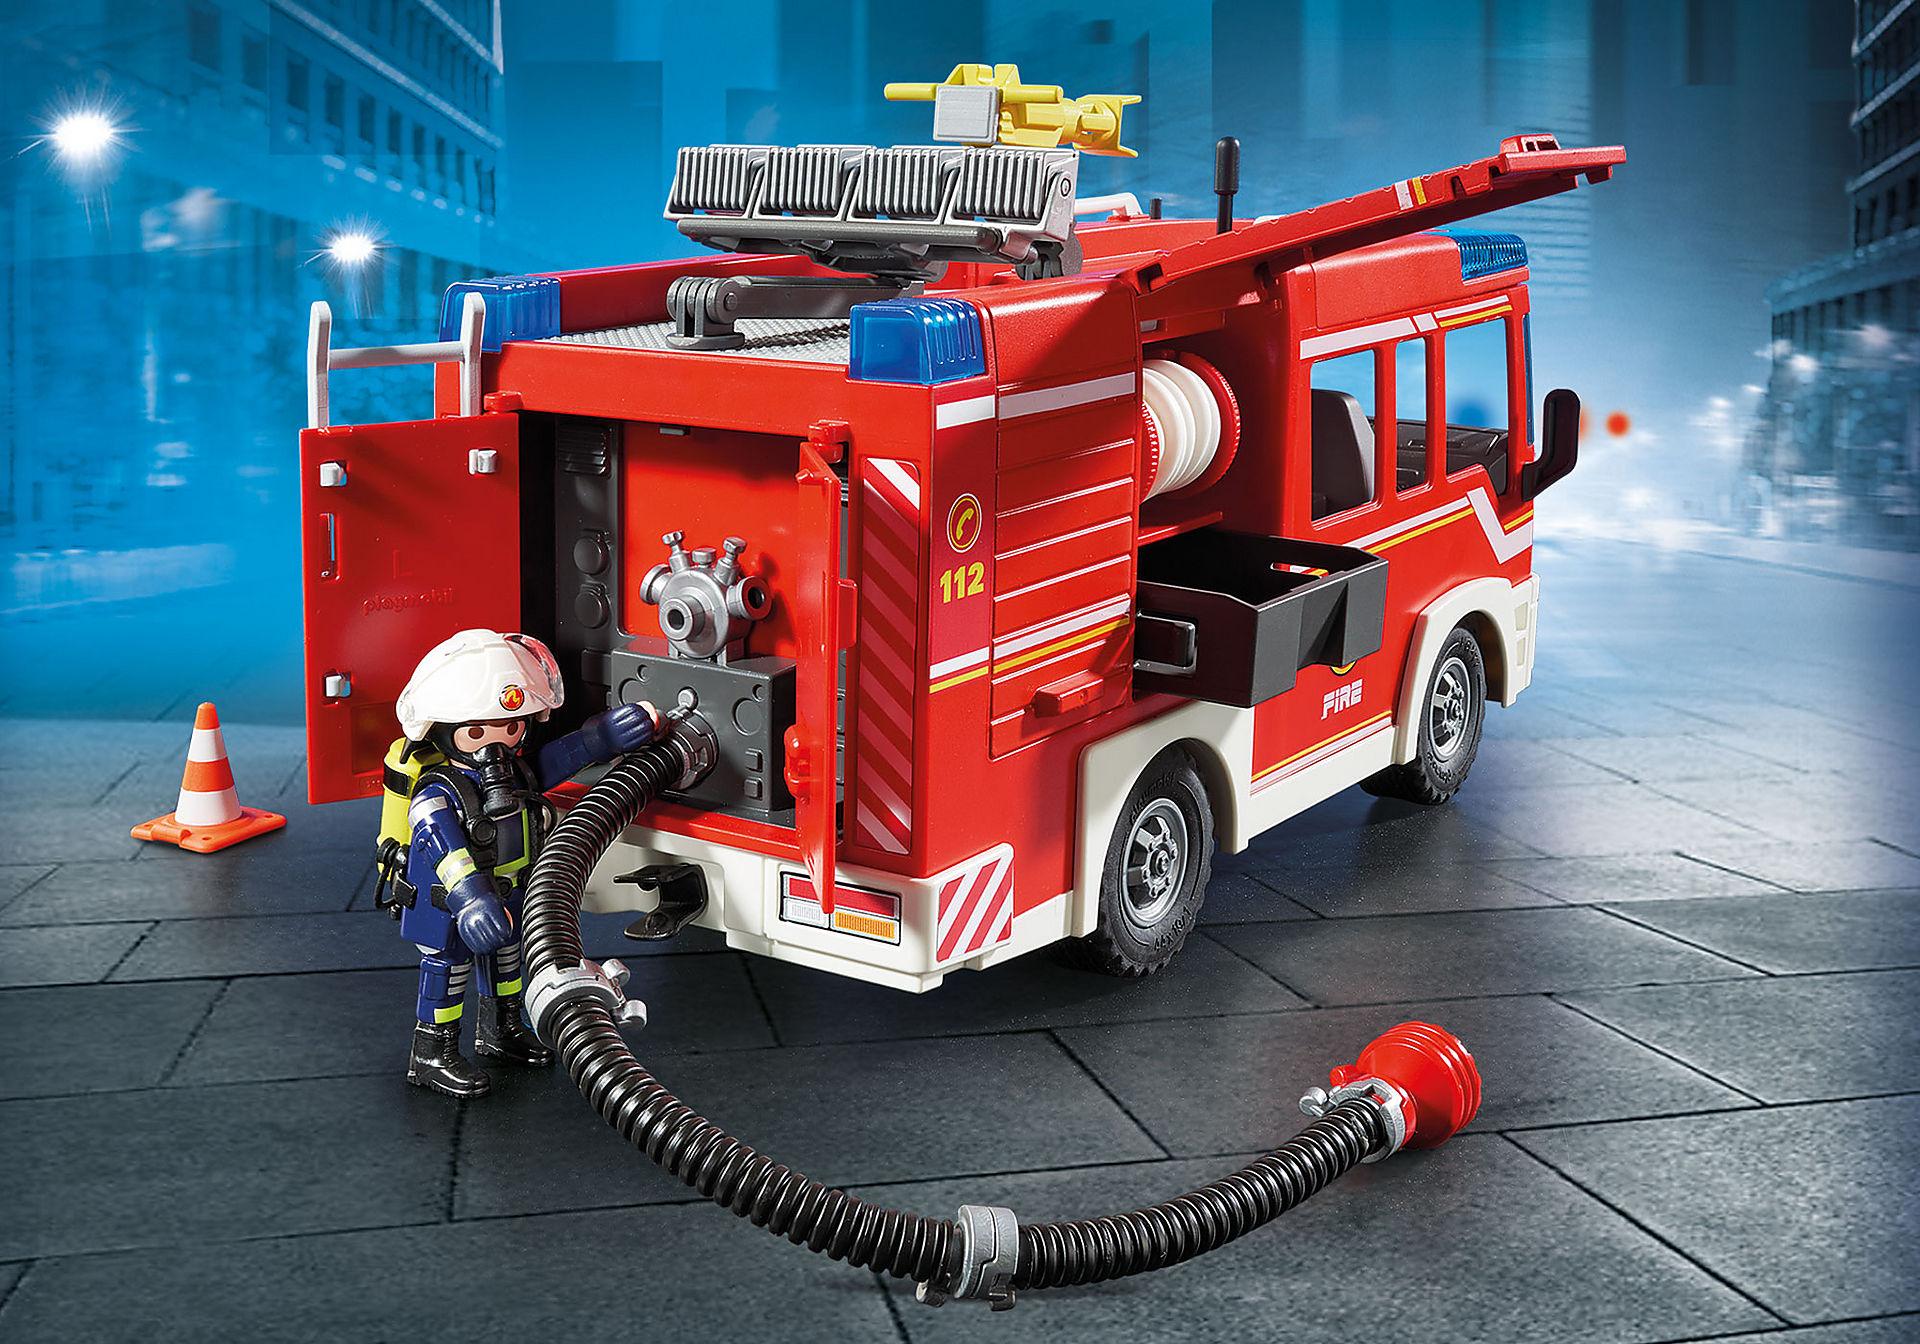 9464 Pojazd ratowniczy straży pożarnej zoom image7